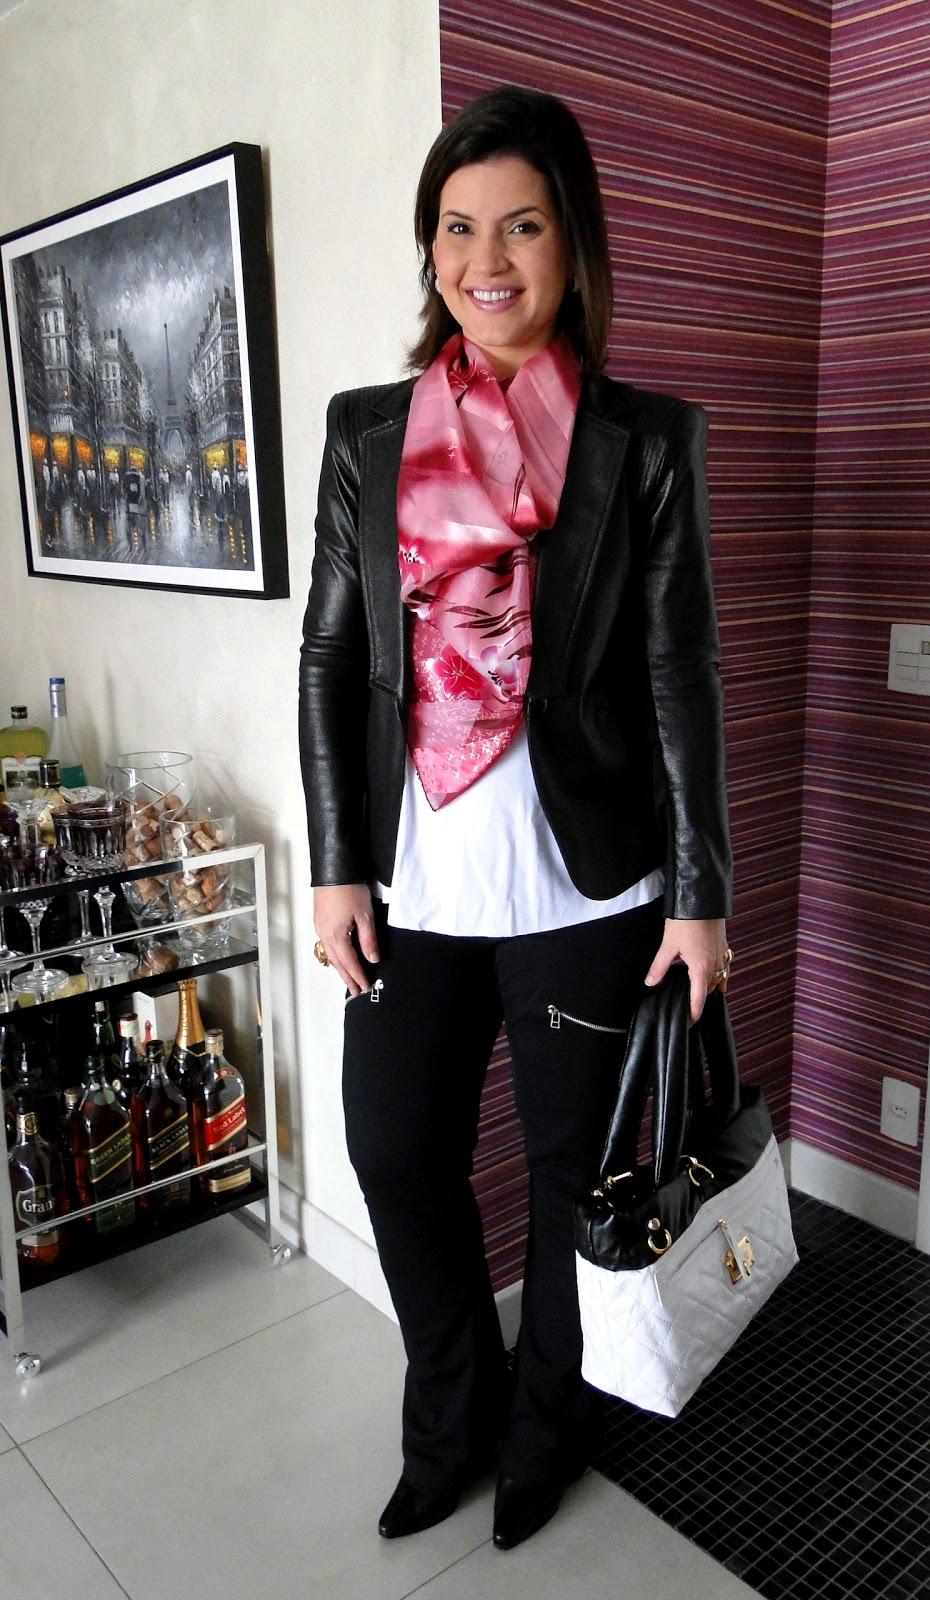 b912b9351 um clássico diferente, um terno preto composto por peças avulsas, calça com  zípers, blazer em couro fake, um belo lenço colorido e até uma bolsa  combinando!